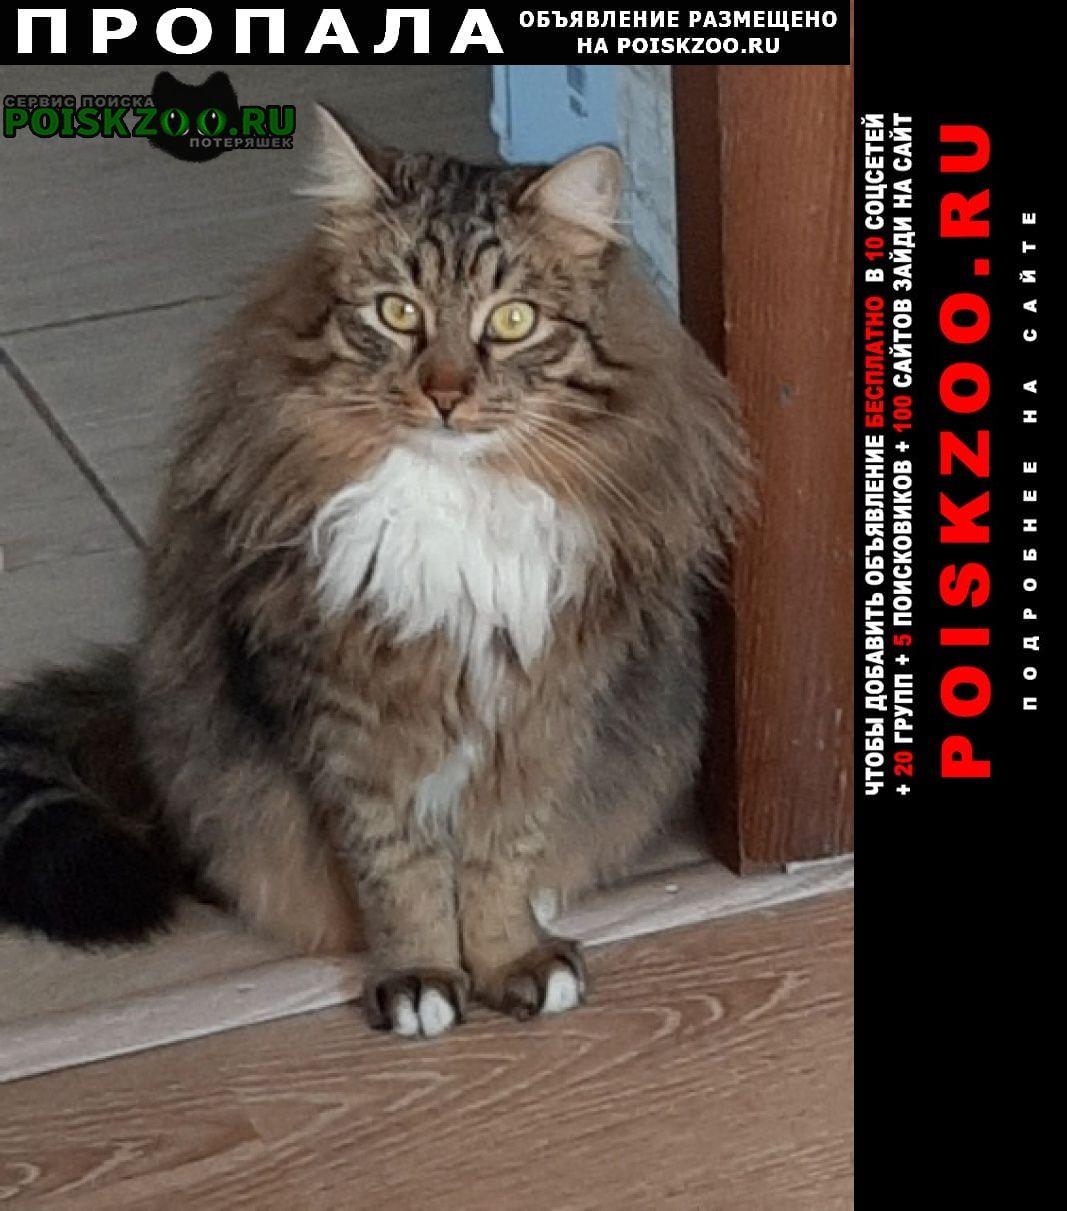 Пропал кот Щекино